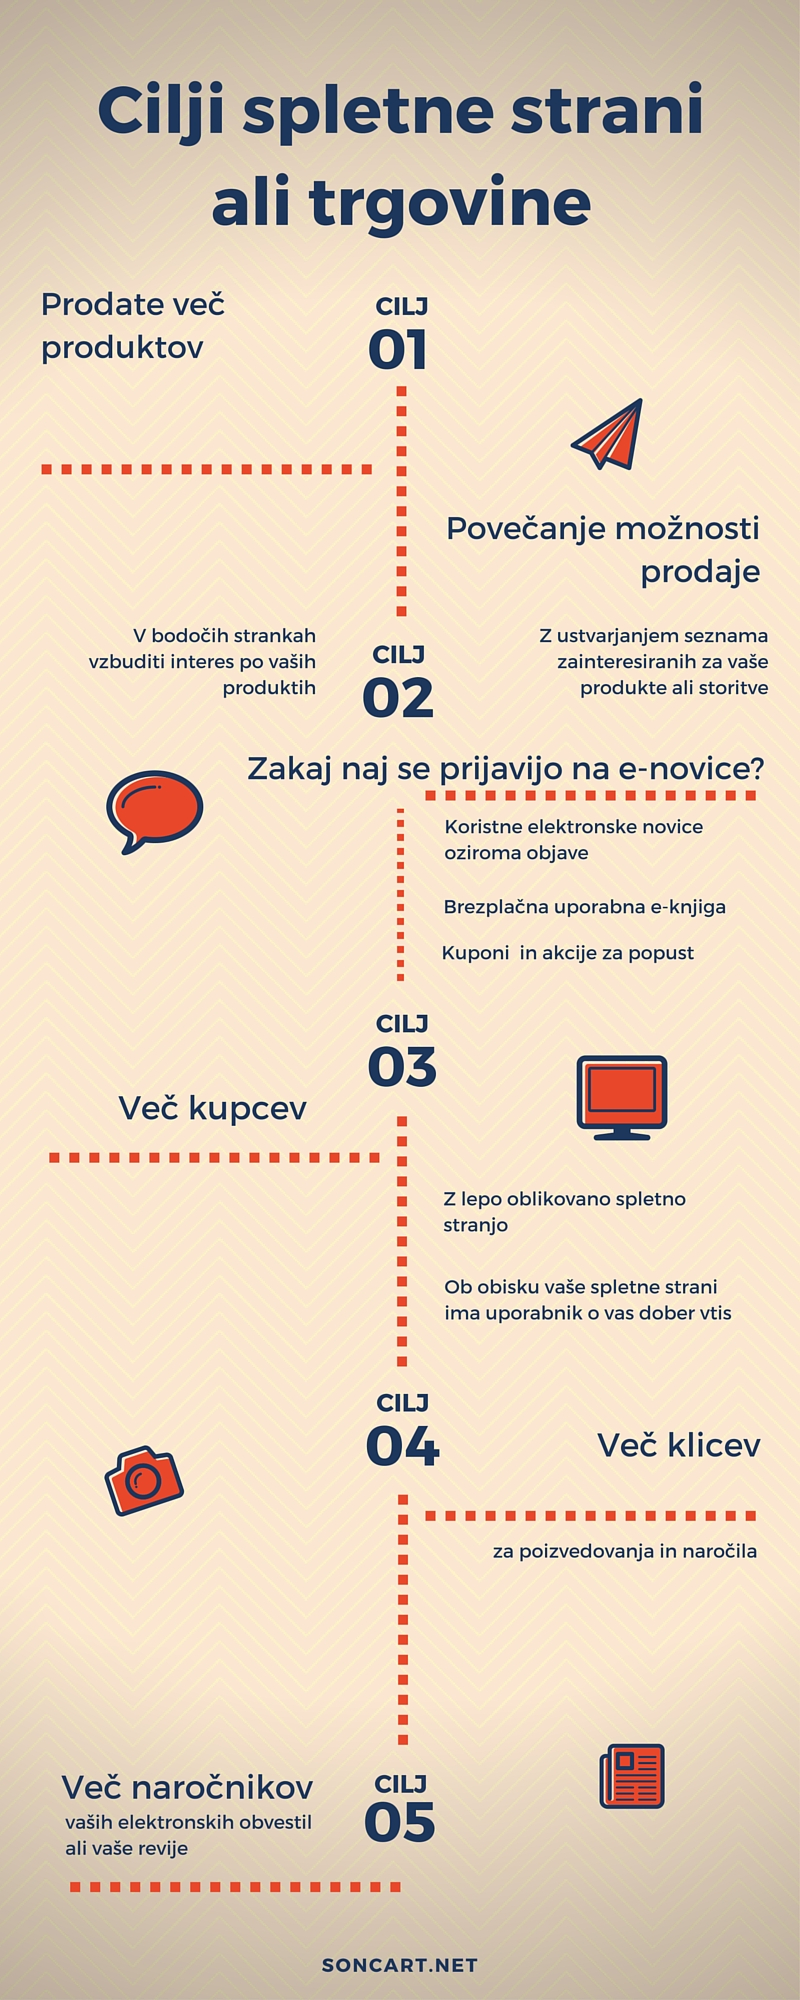 cilji spletne strani